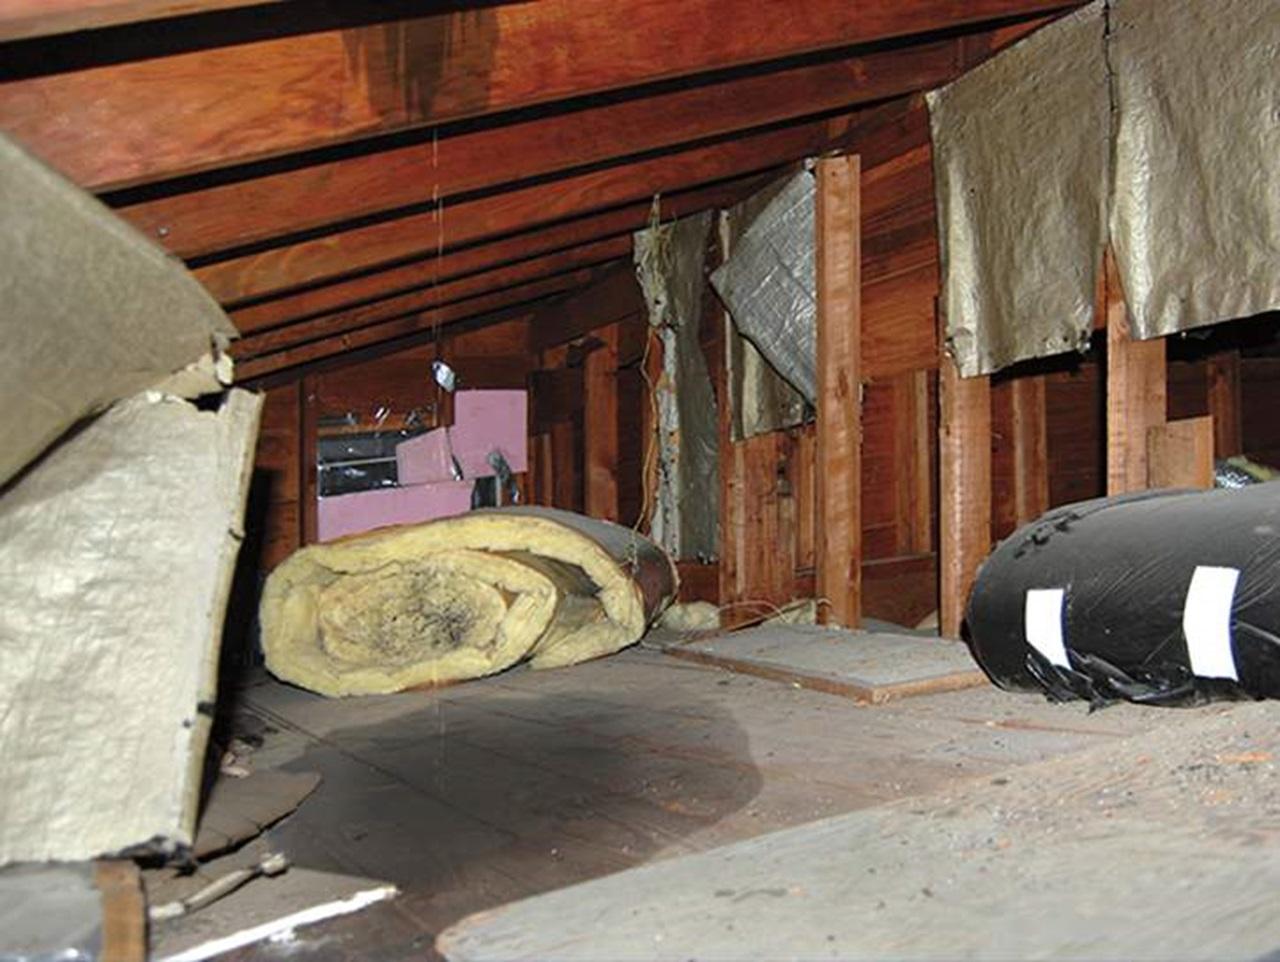 A-leak-in-the-attic.jpg